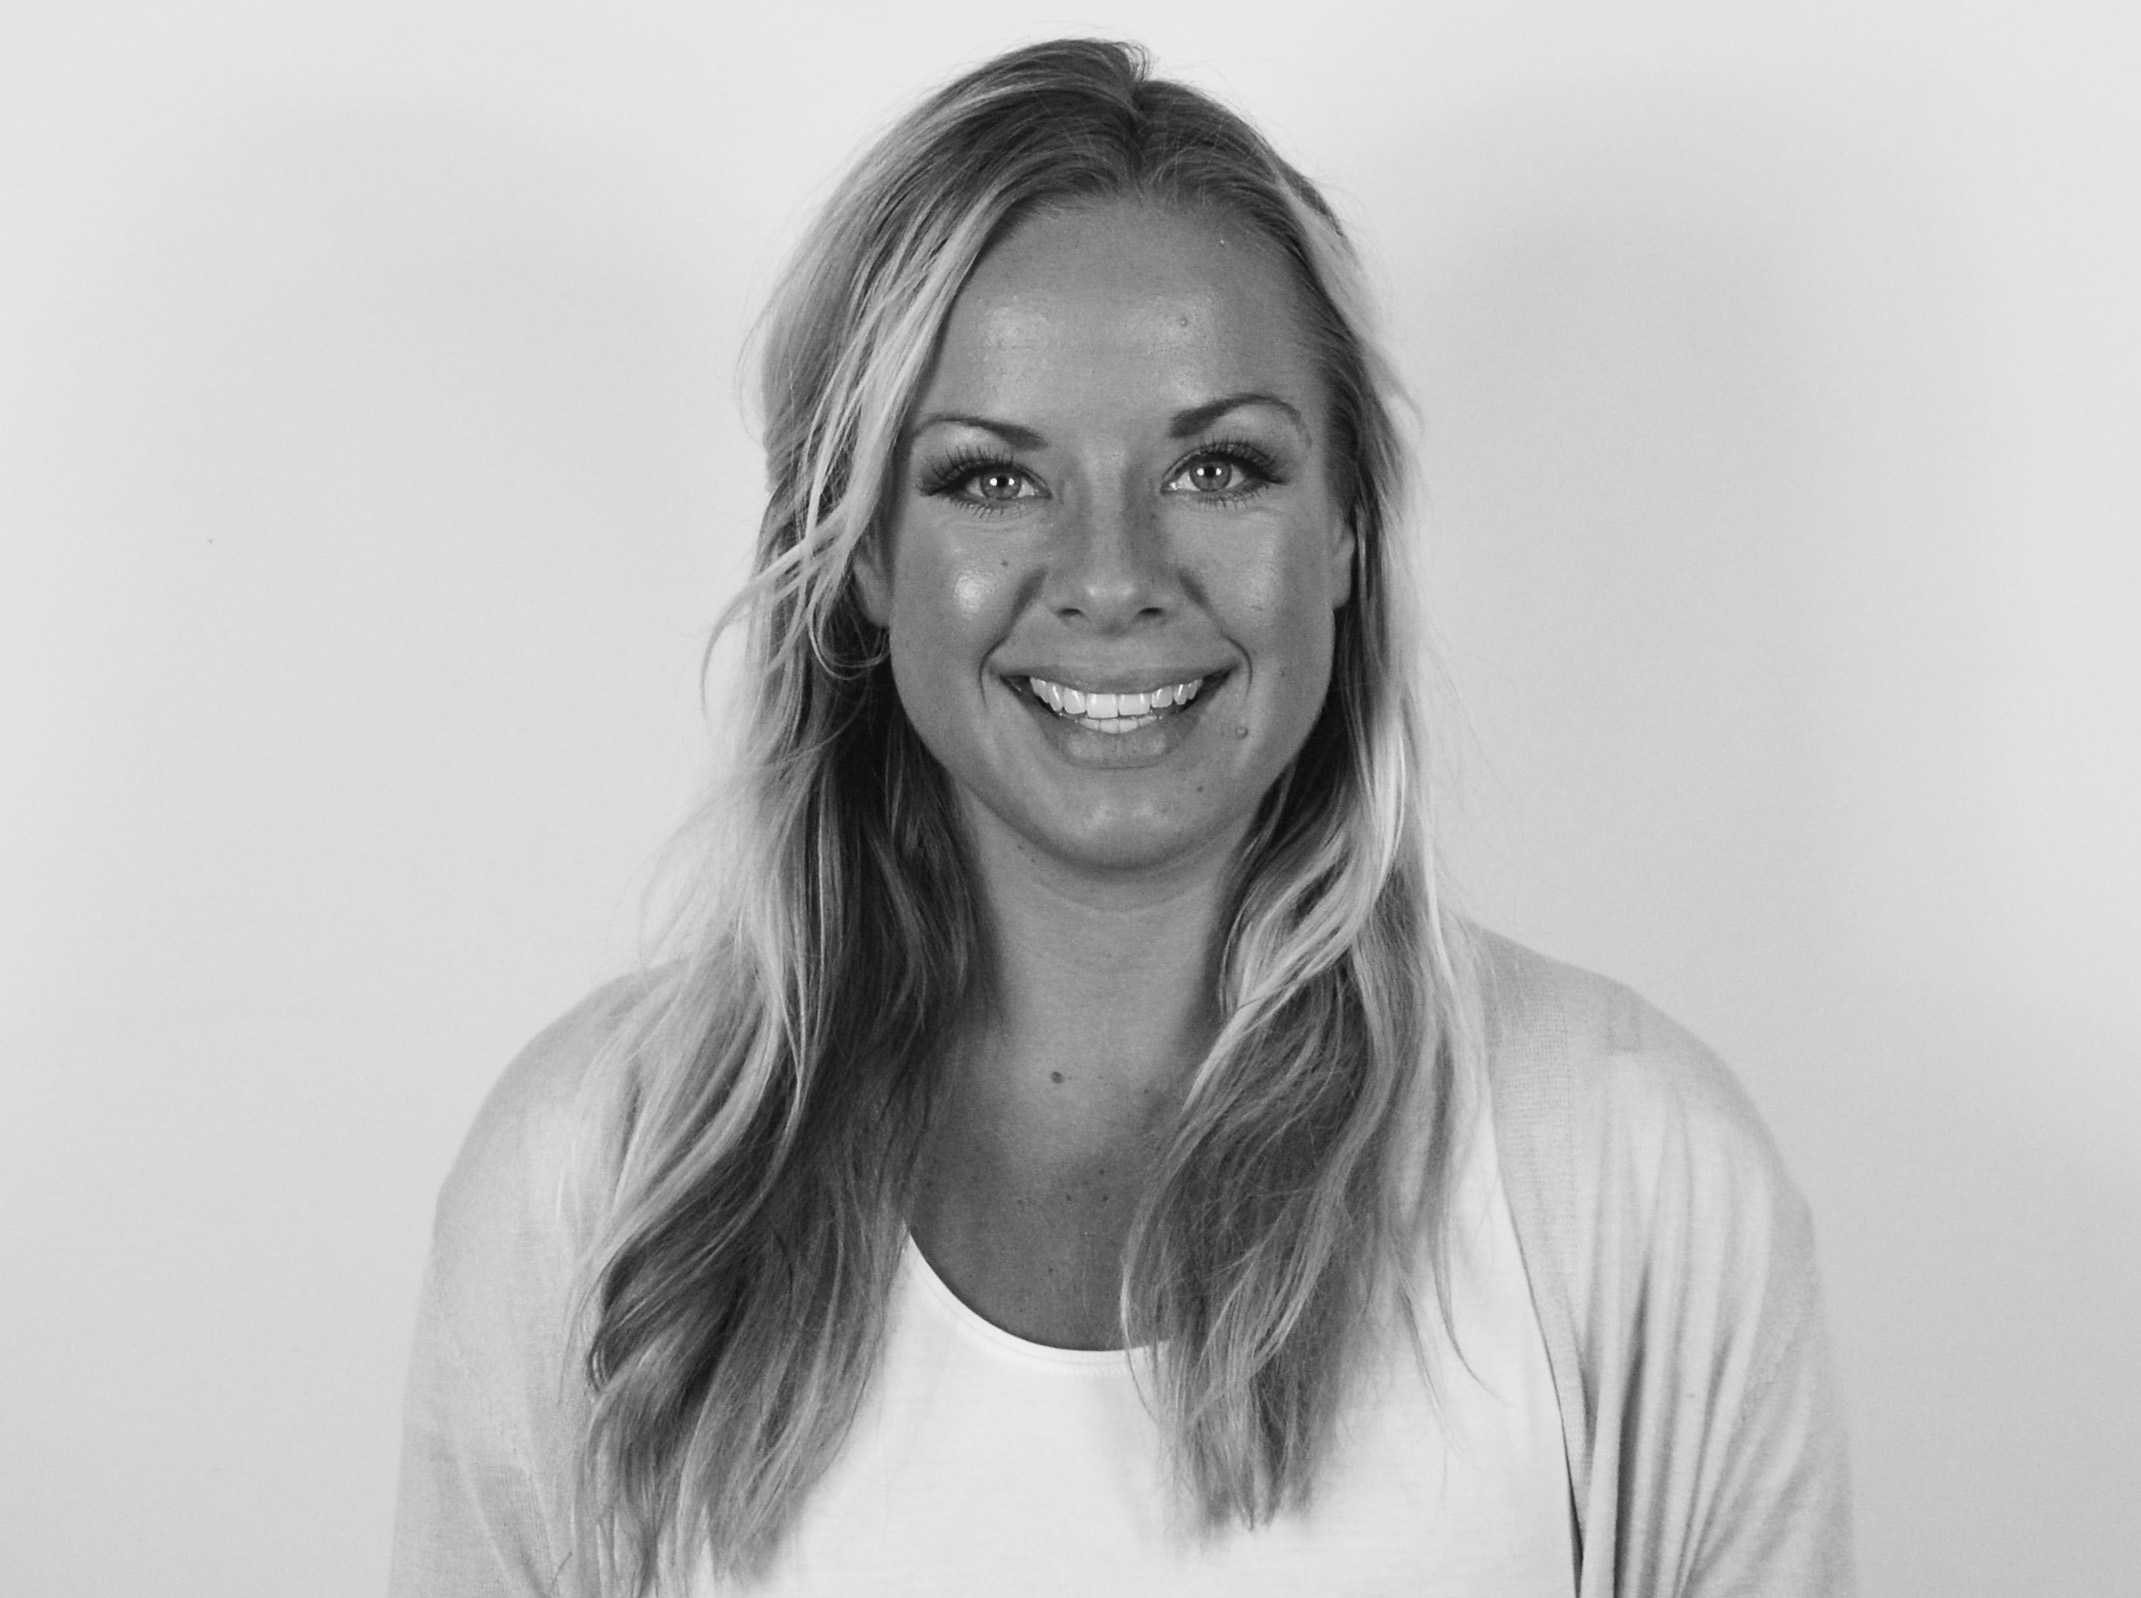 Emelie Lundin Jönler